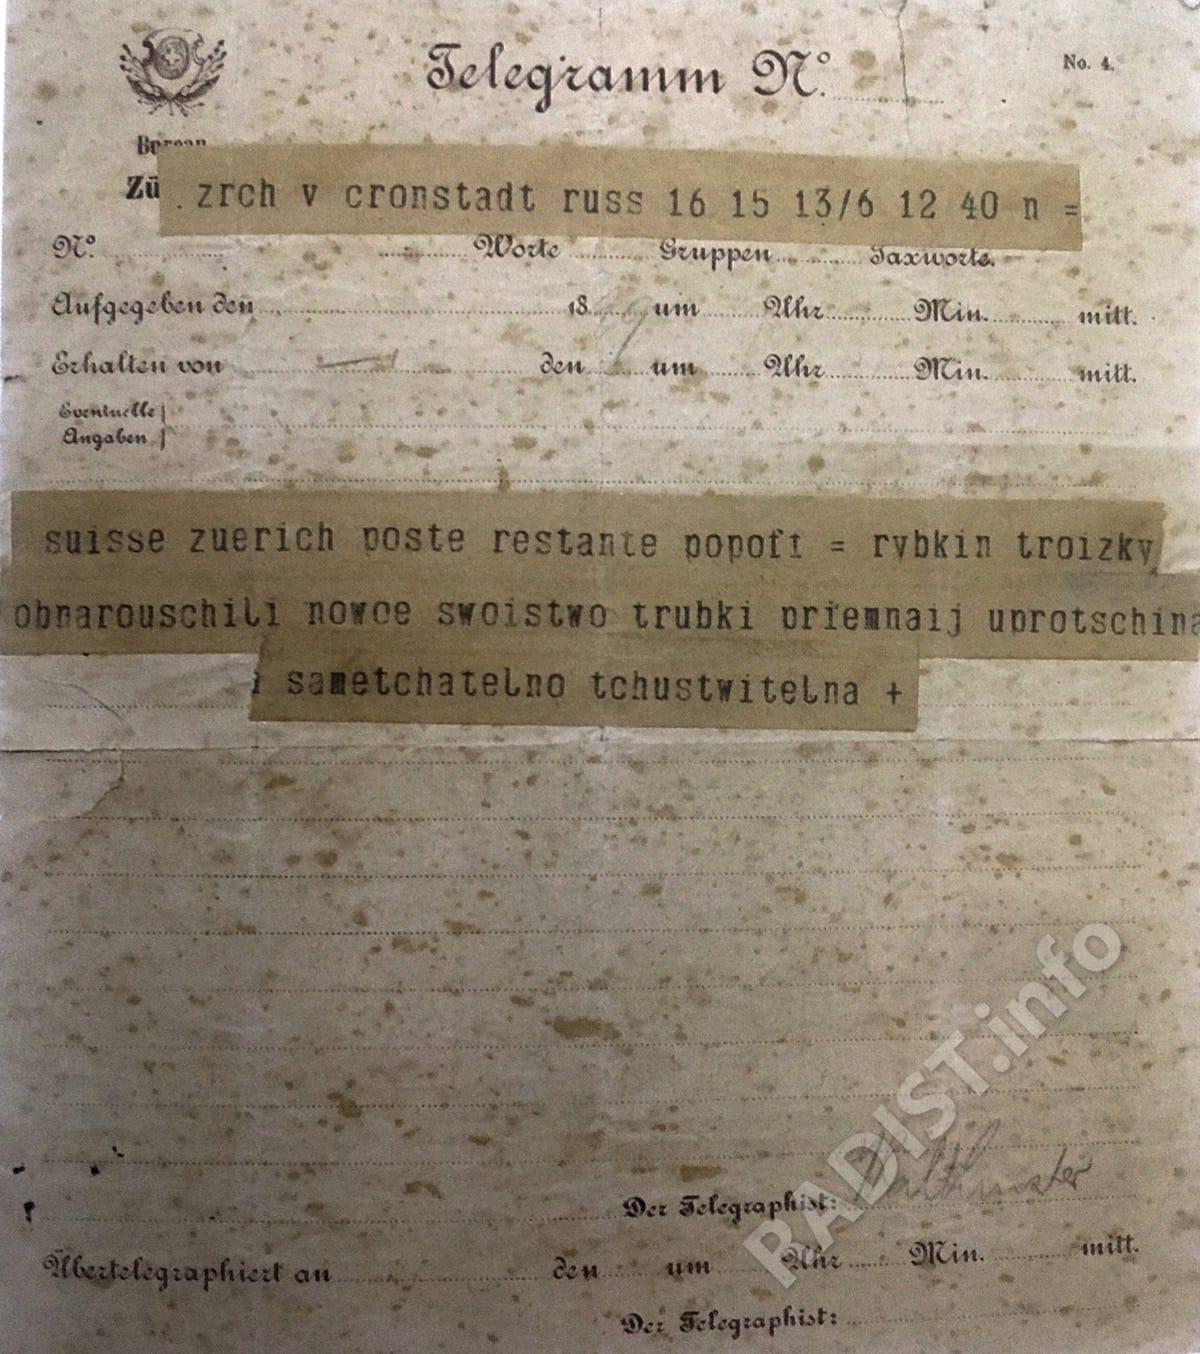 Телеграмма П.Н. Рыбкина и Д.С. Троицкого в Цюрих А.С. Попову